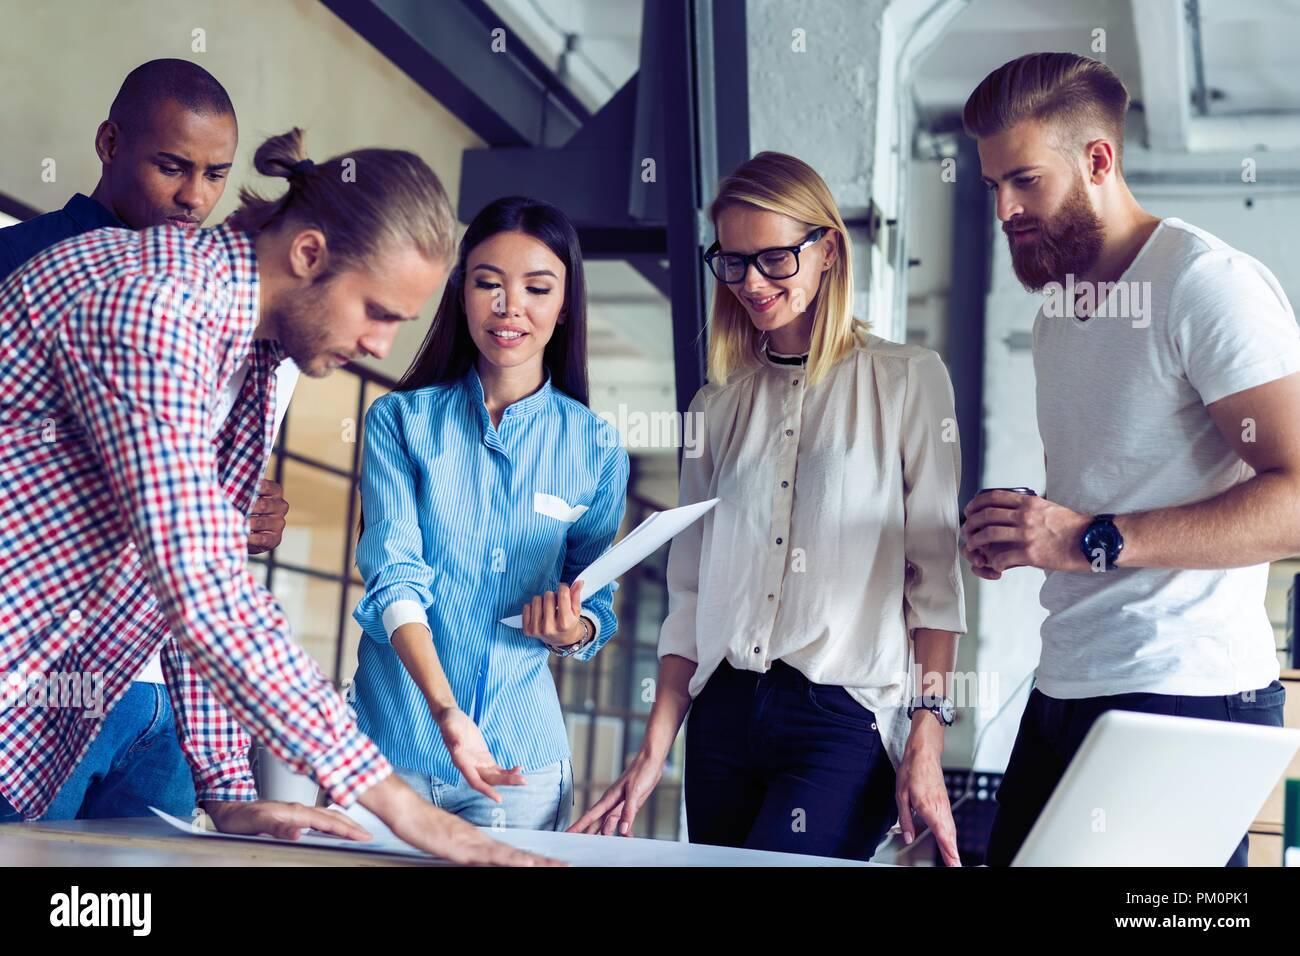 Equipo exitoso. Grupo de trabajo de jóvenes empresarios y comunicar juntos en la oficina creativa. Imagen De Stock